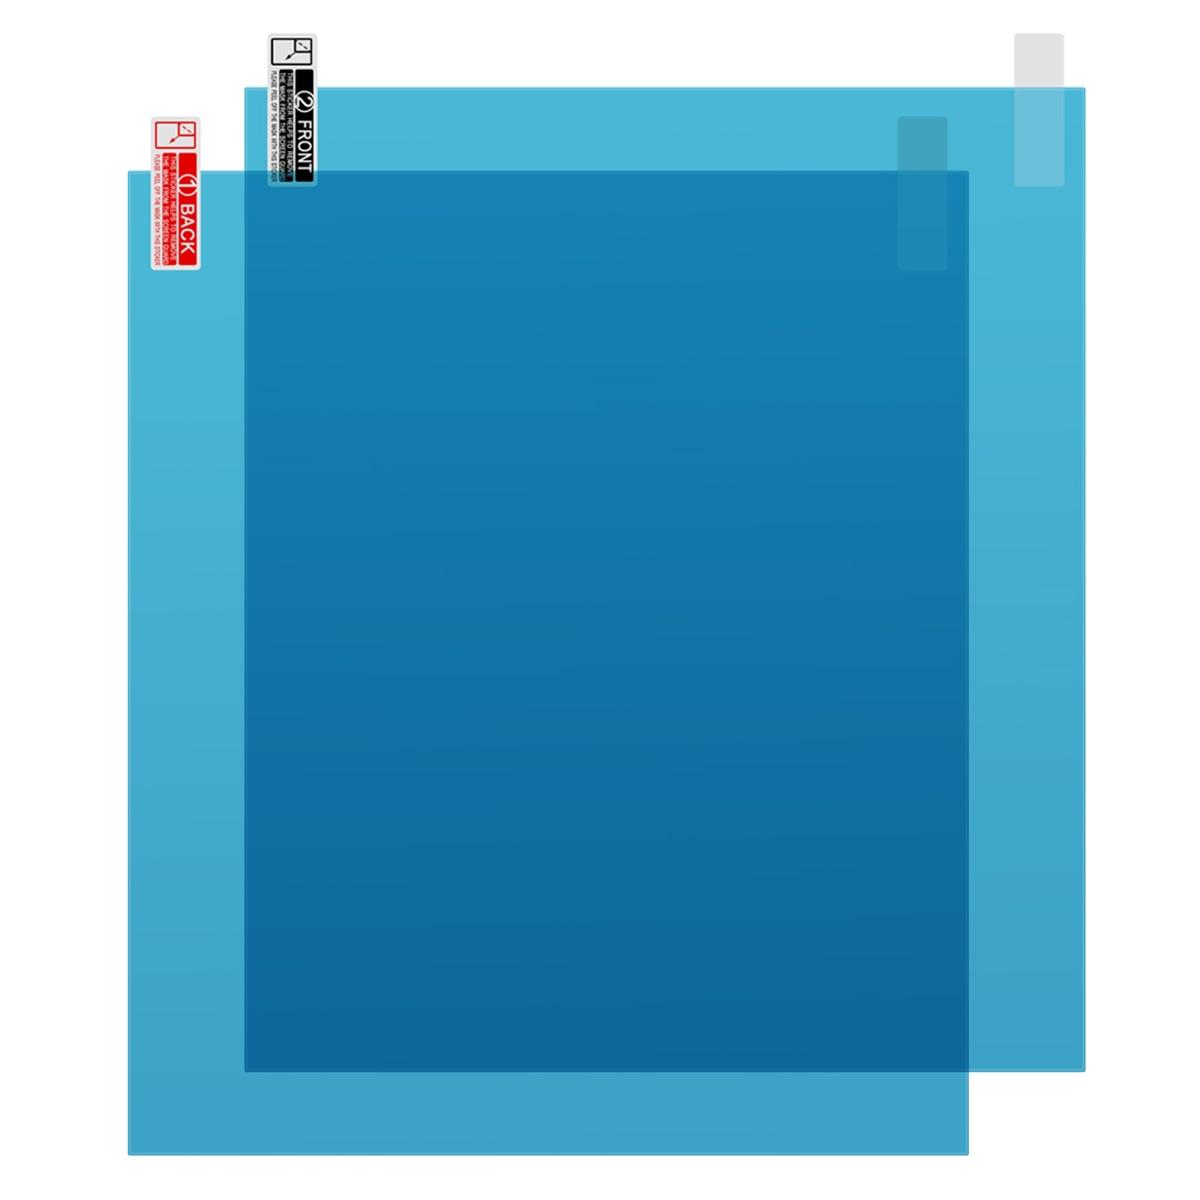 Nieuwe Collectie 2 stks/set 175*200MM Auto Venster Anti Water Mist Anti Fog Regendicht Venster Beschermende Film Universele